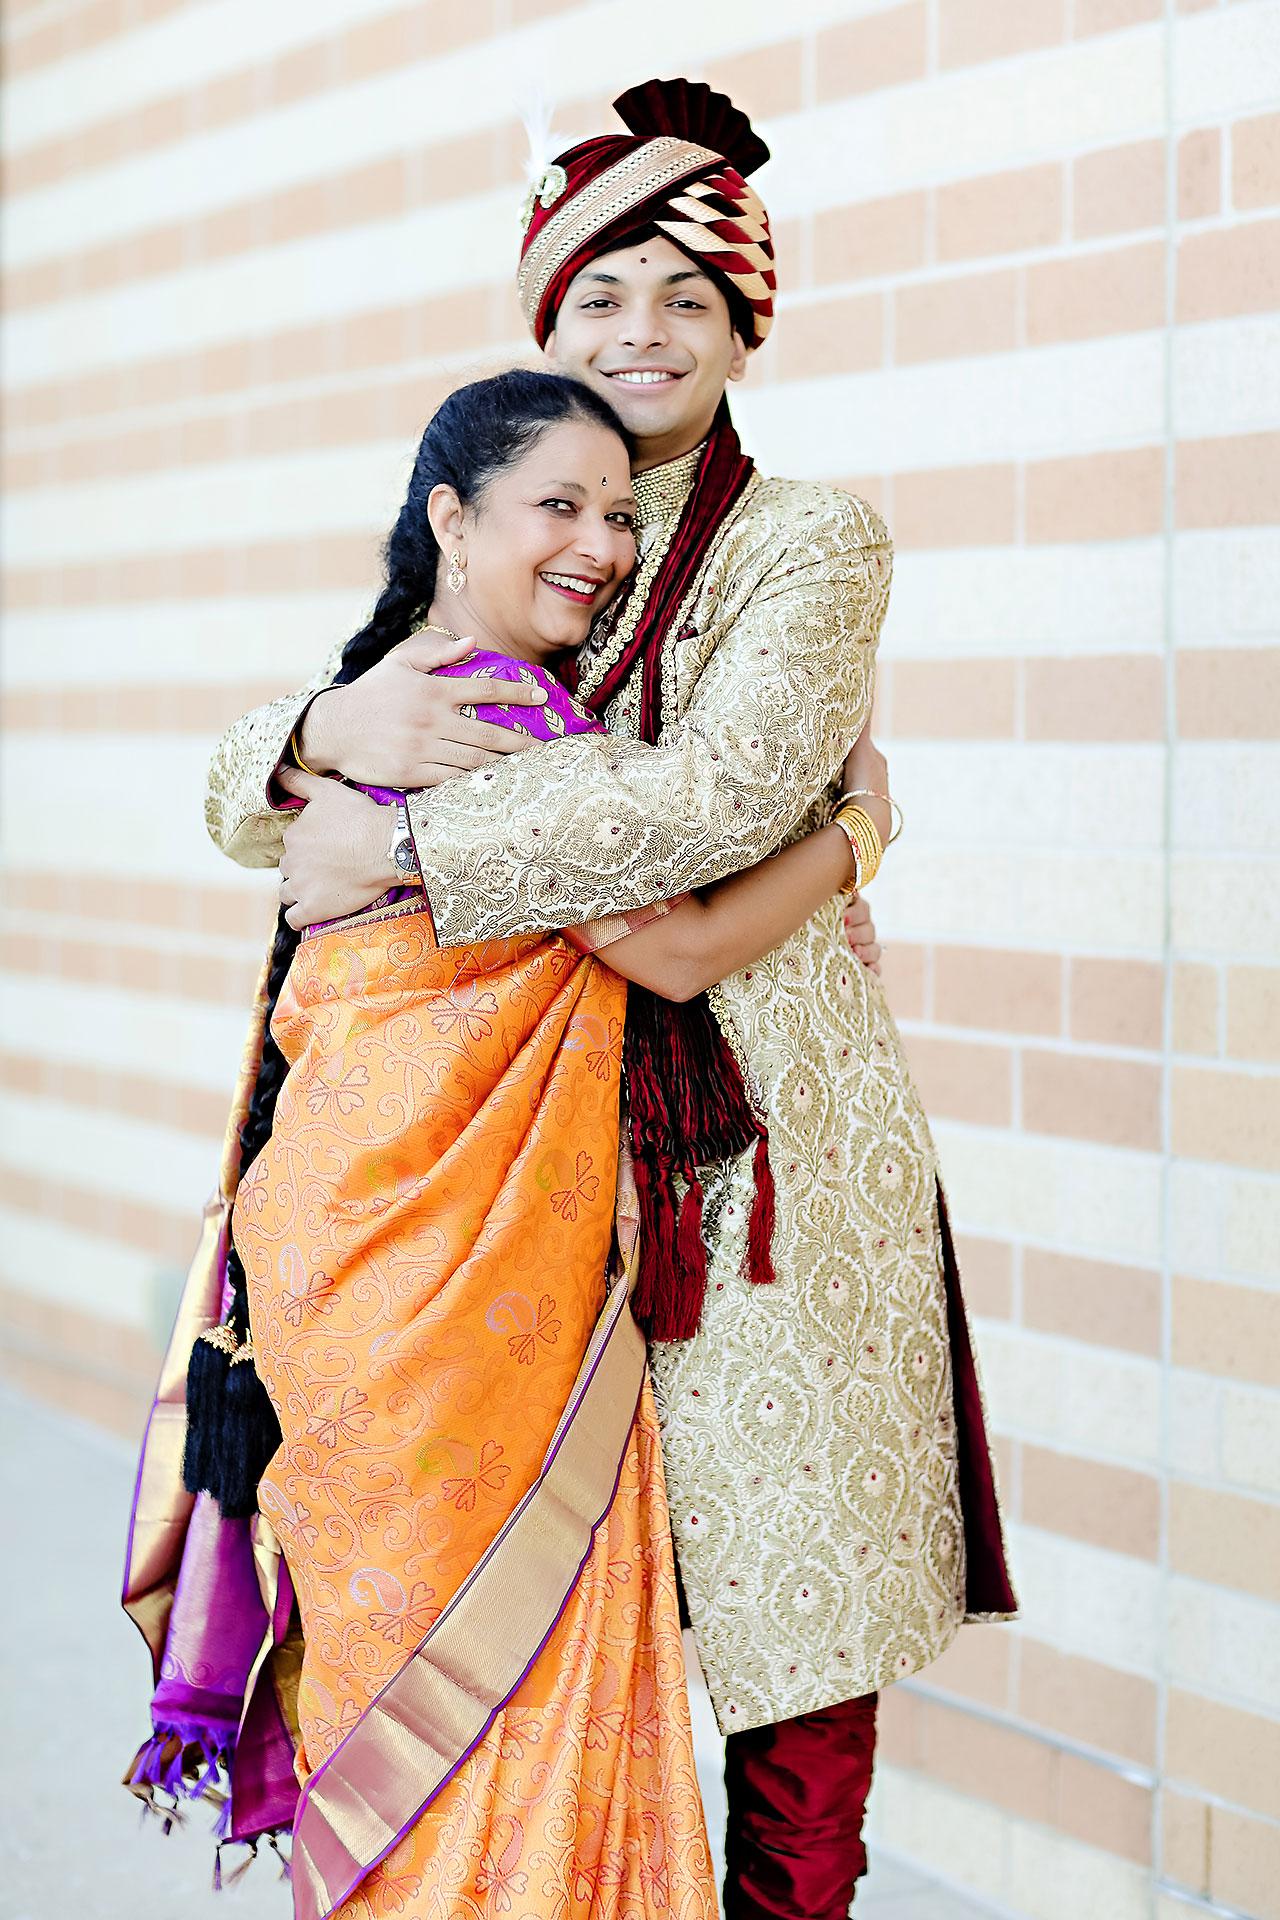 Joie Nikhil JW Marriott Indian Wedding 078